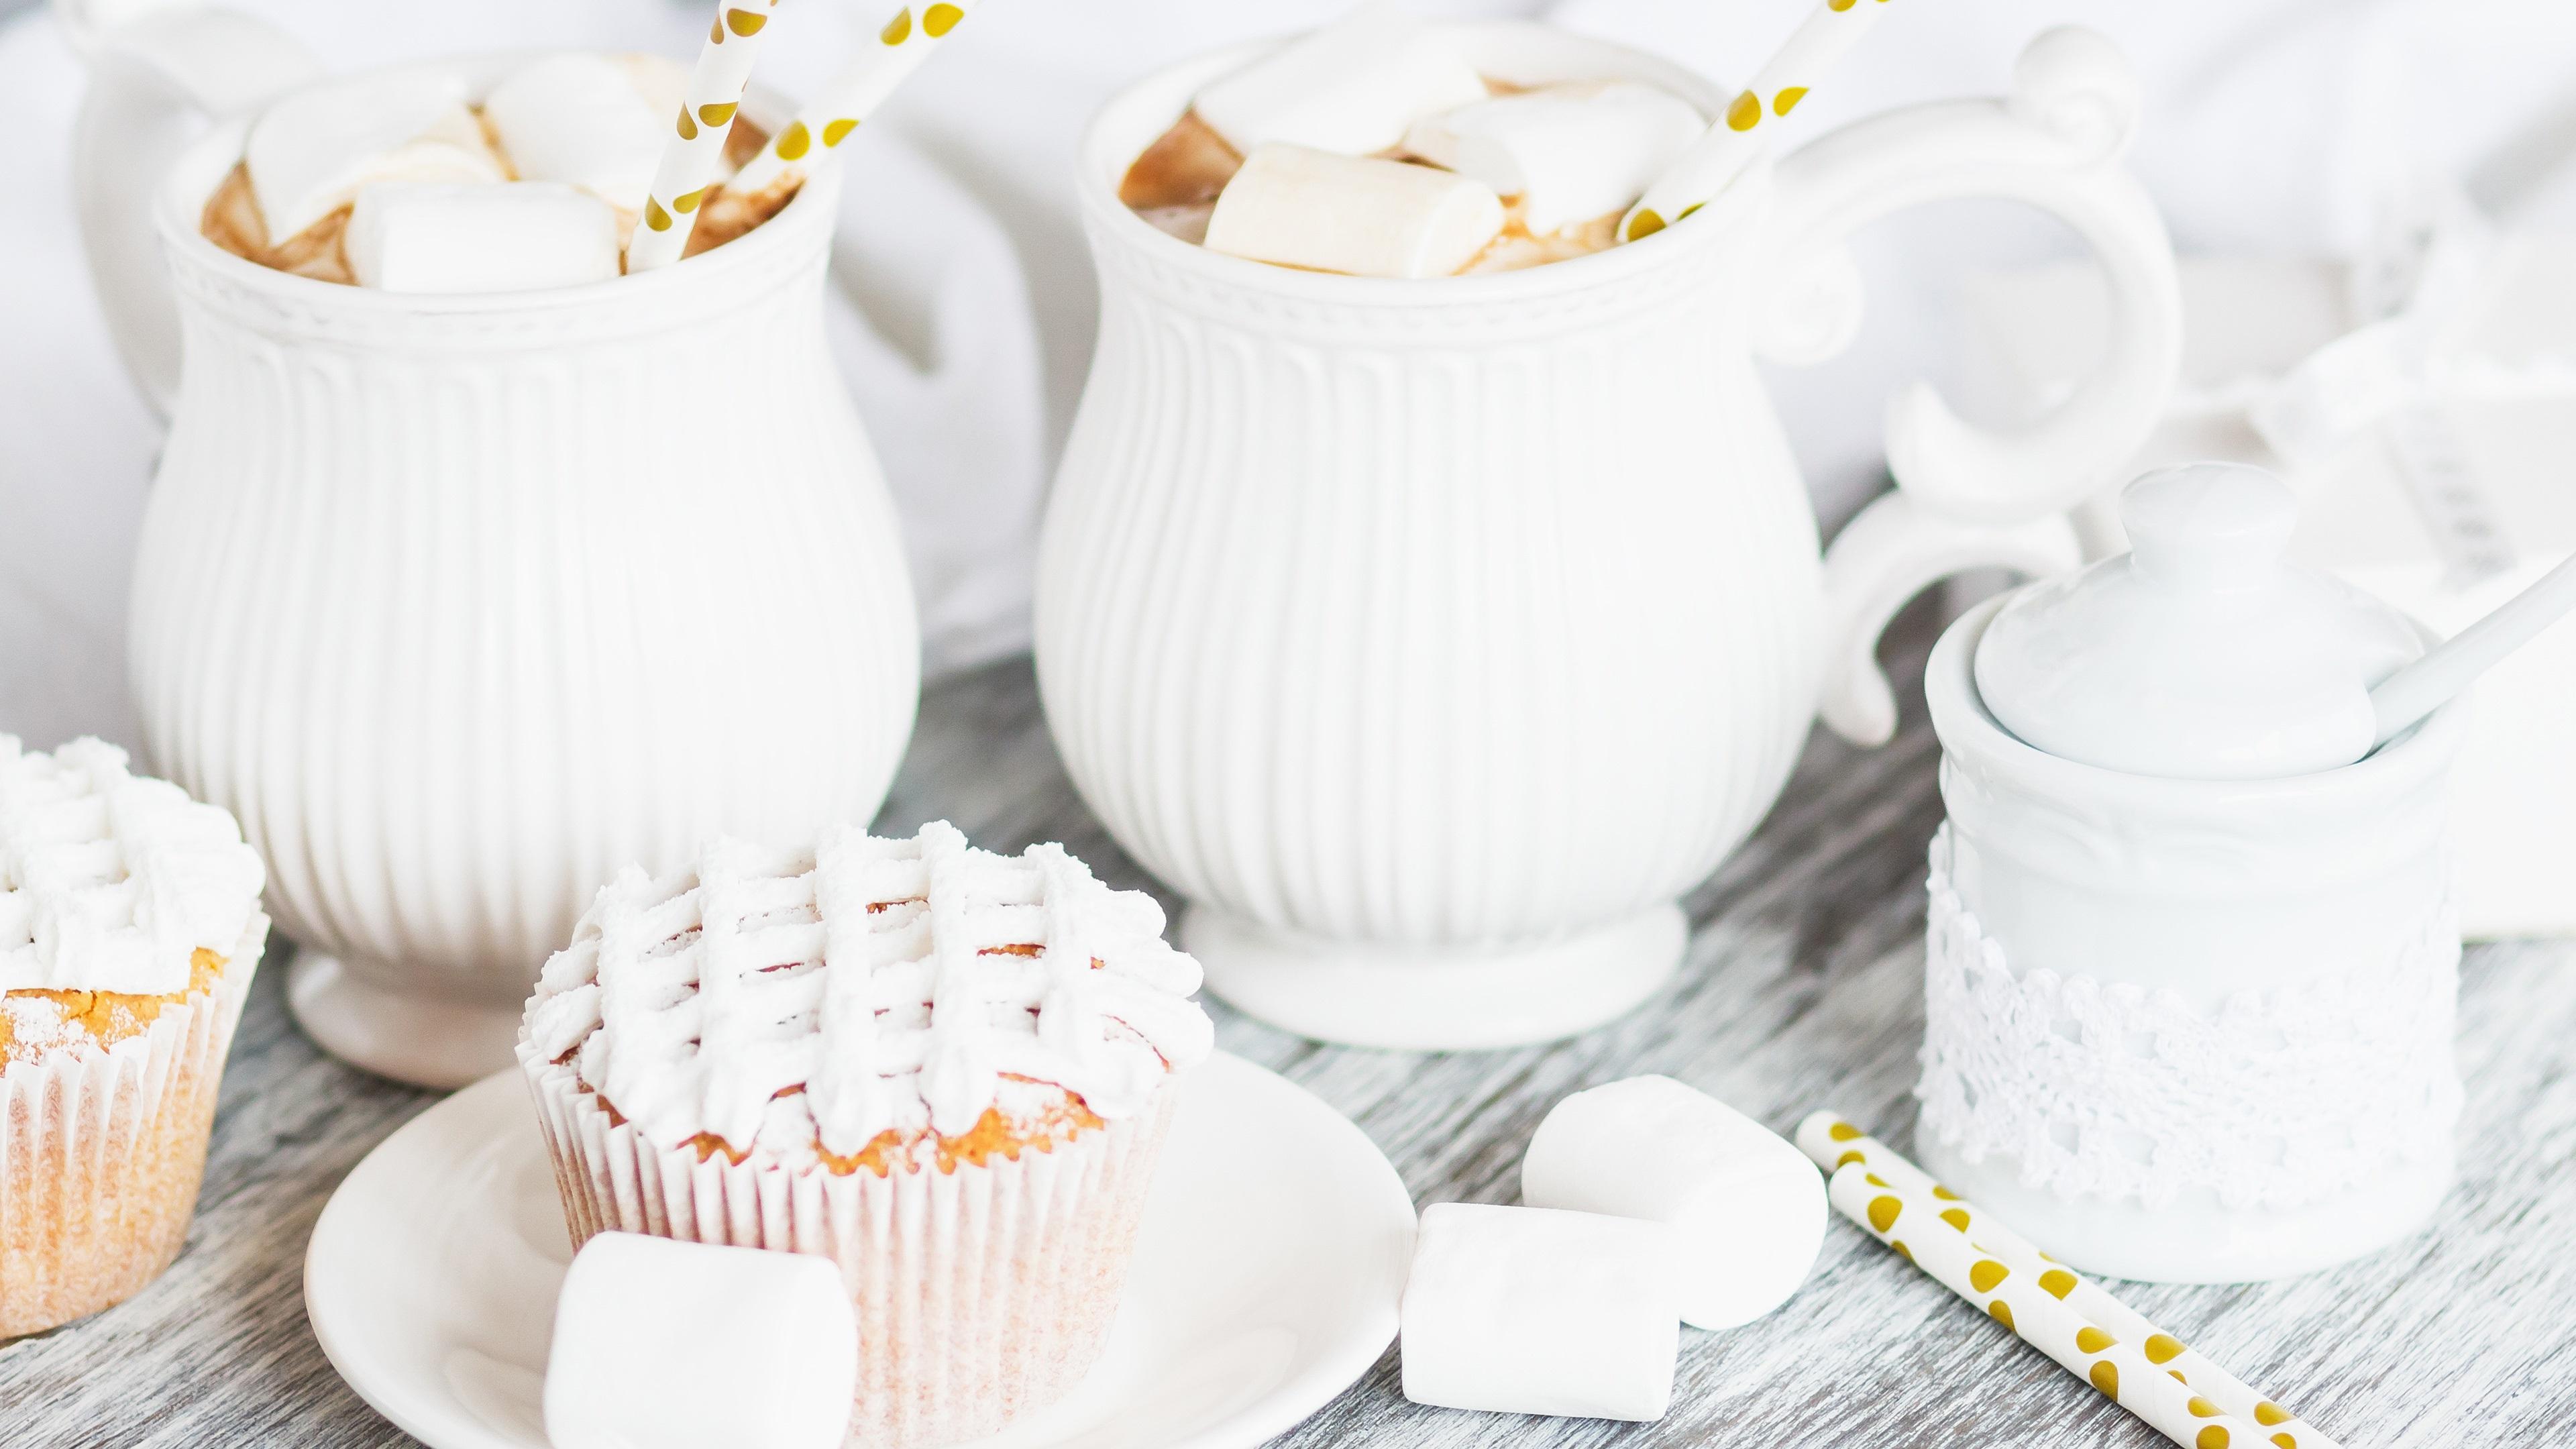 壁紙 カップケーキ 飲み物 マシュマロ ココア 白いケトル